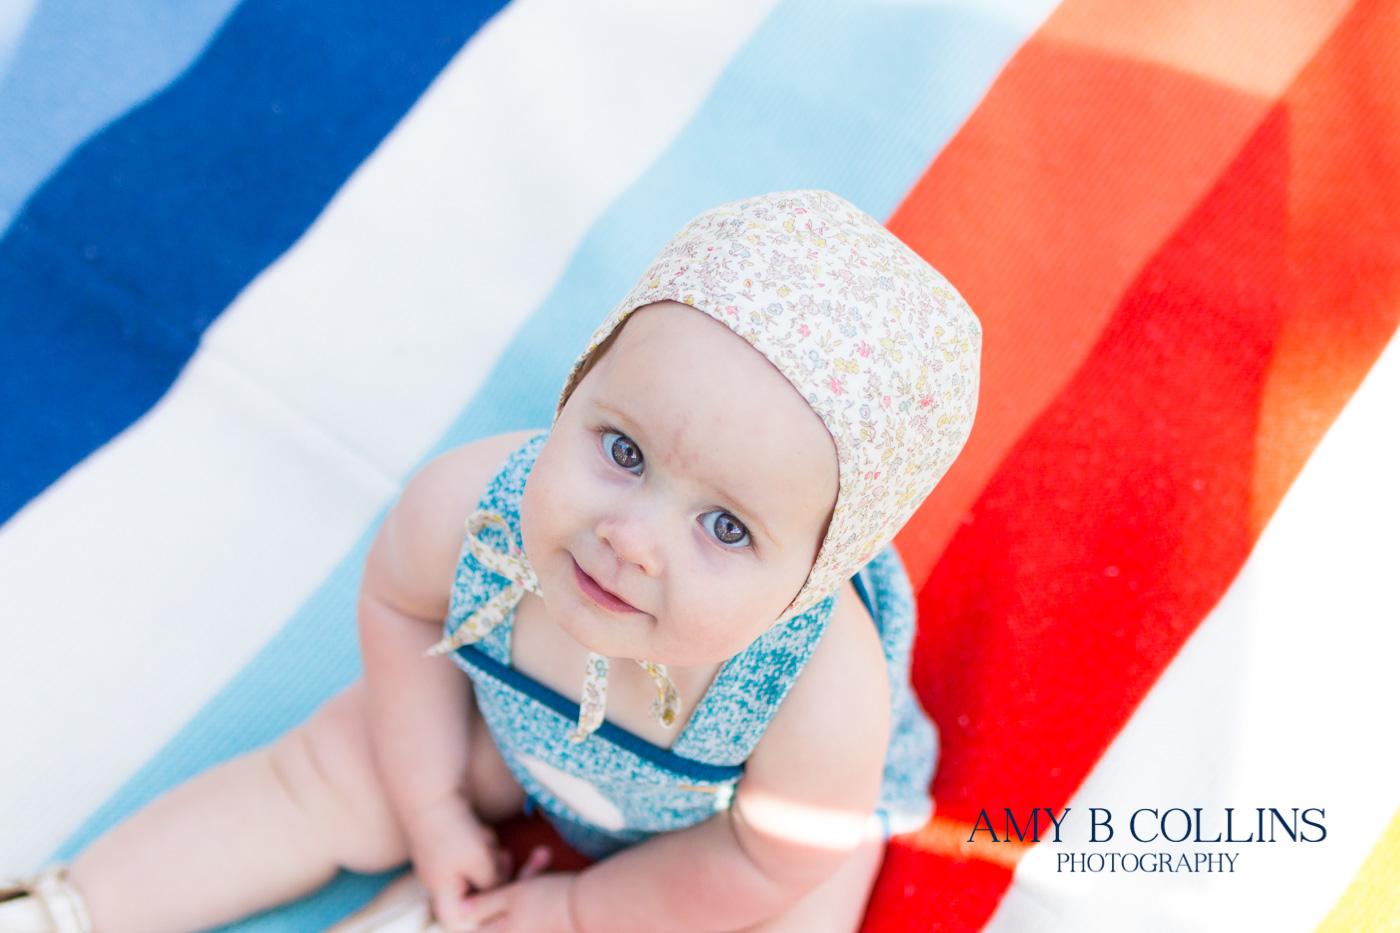 Amy_B_Collins_Photography_Needham Baby Photographer - 05.jpg